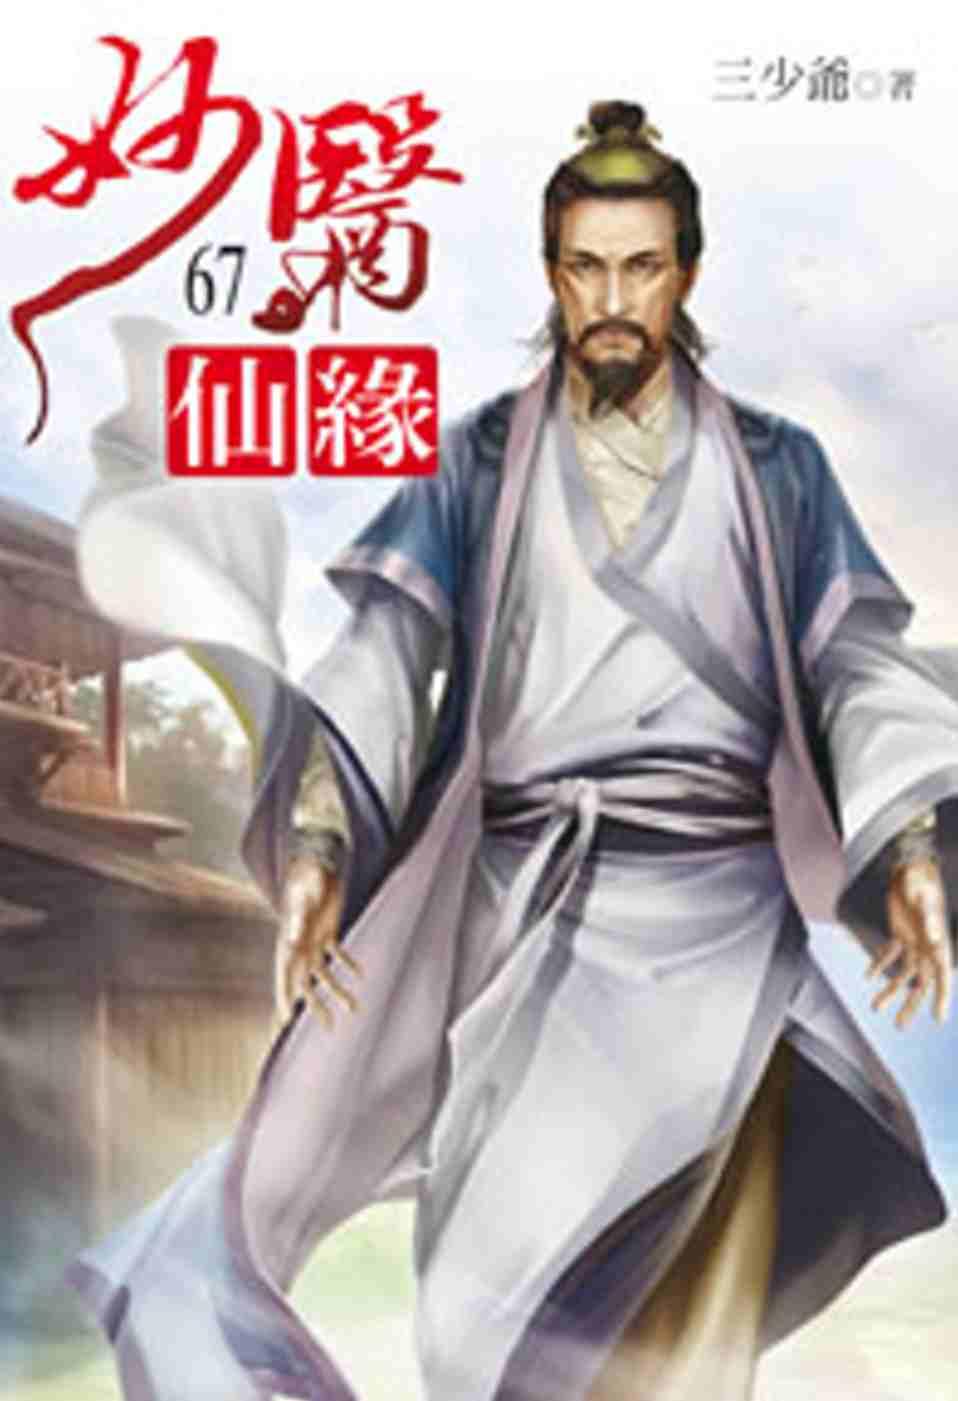 妙醫仙緣67